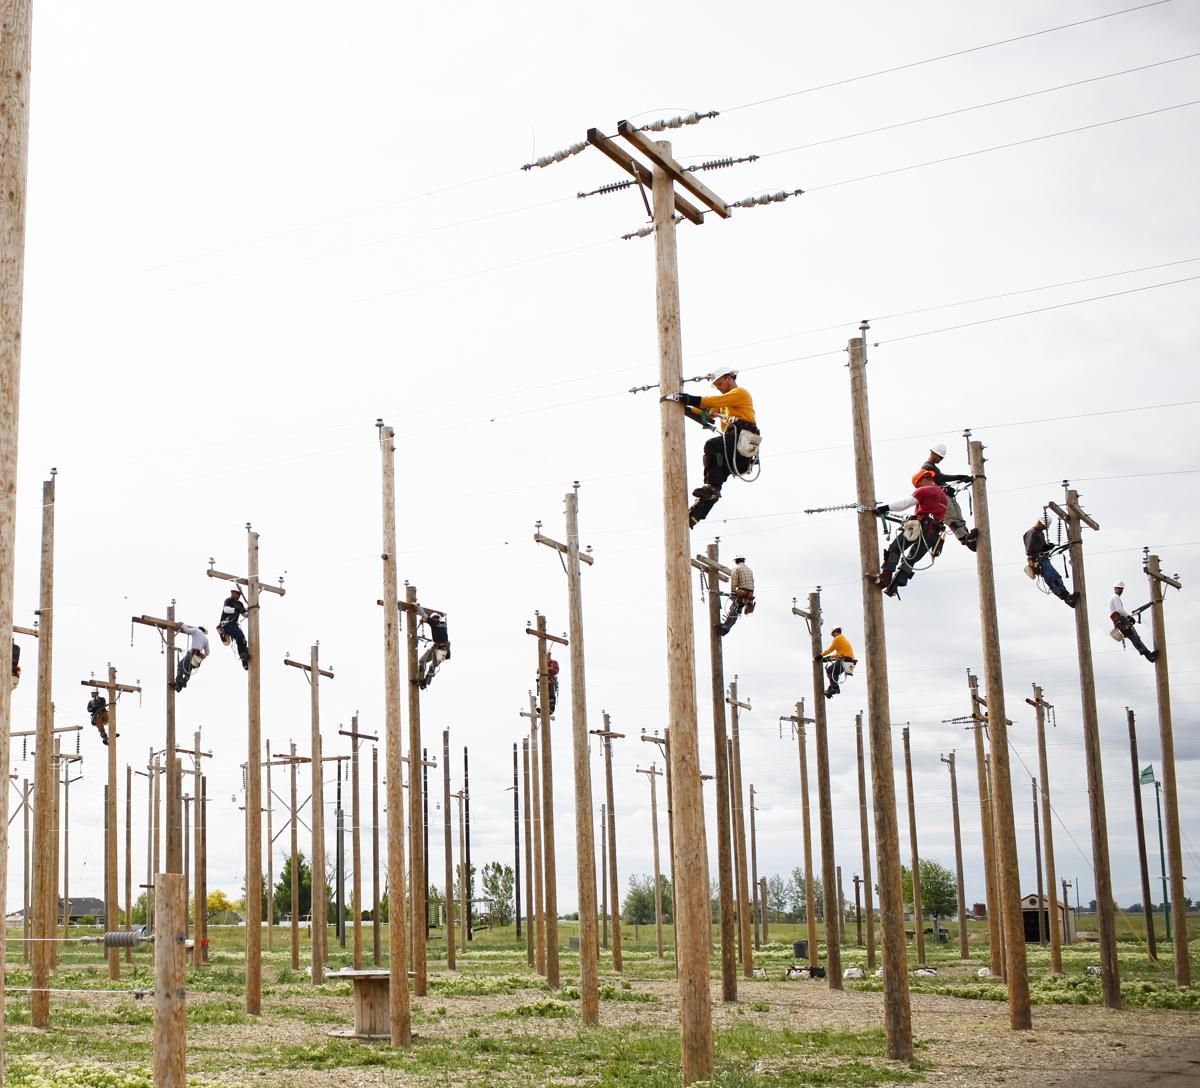 деревянный столб для электричества относятся общеупотребительной